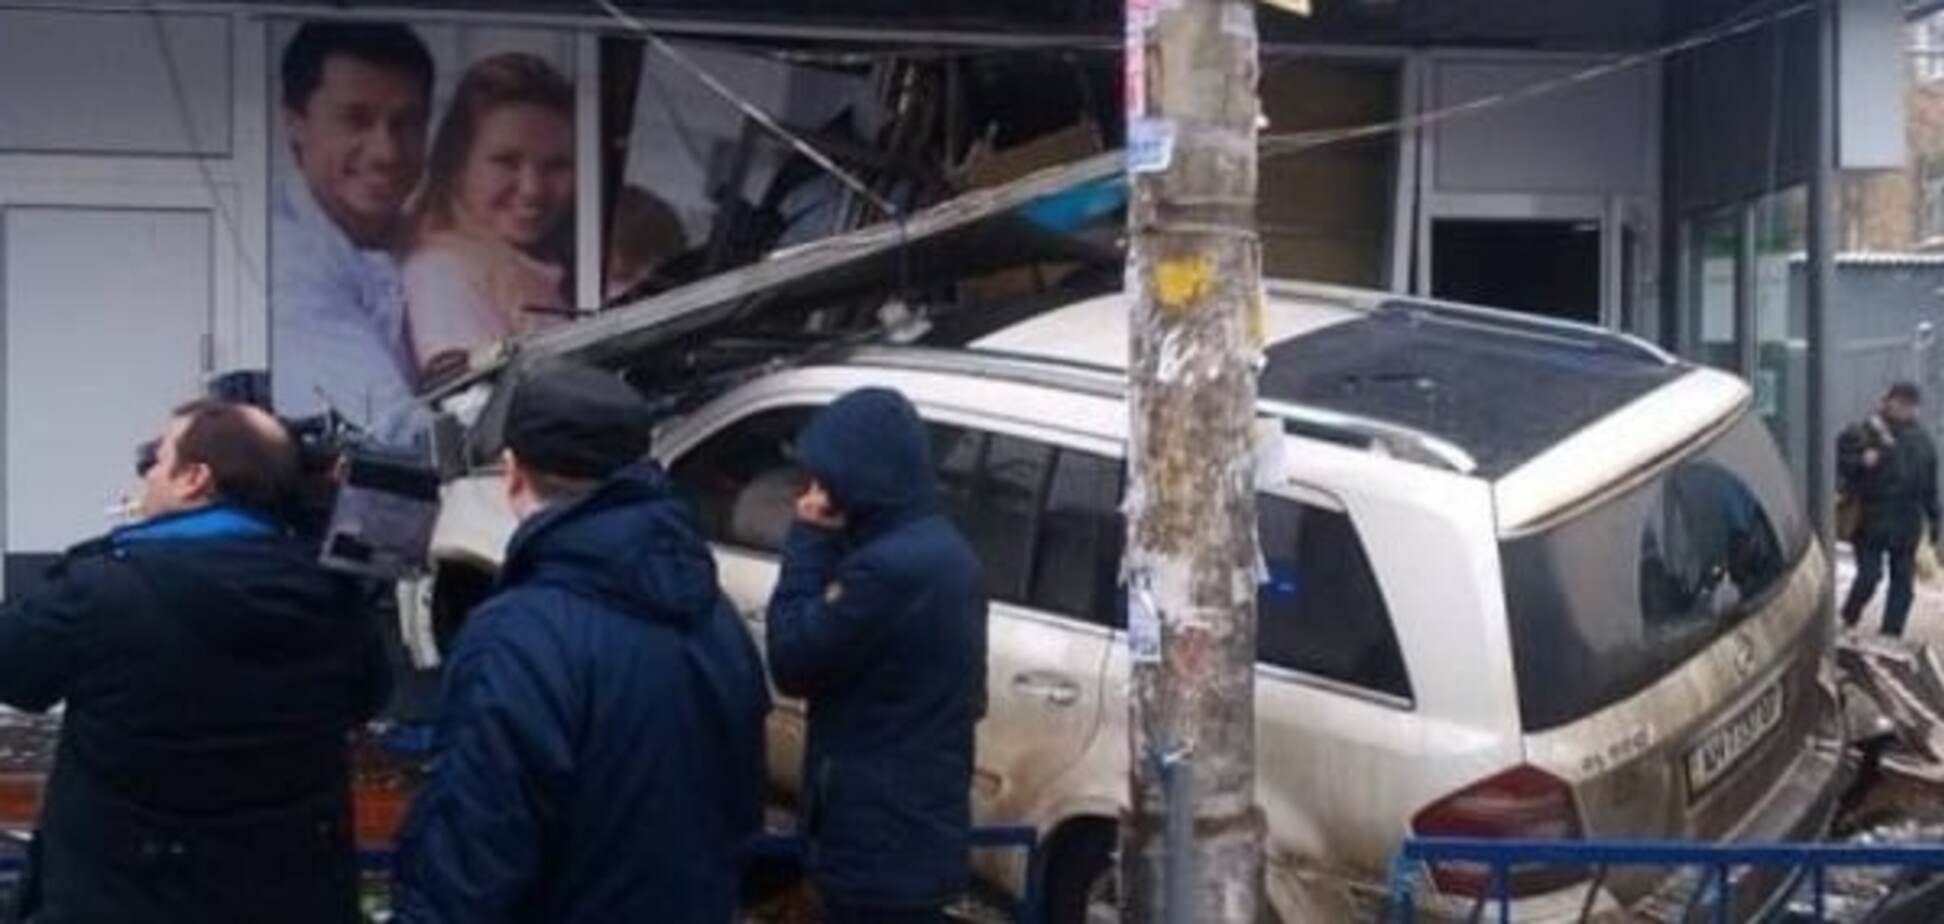 ДТП з мажором на Лівобережній: Аваков зажадав 'повного перезавантаження' судової системи